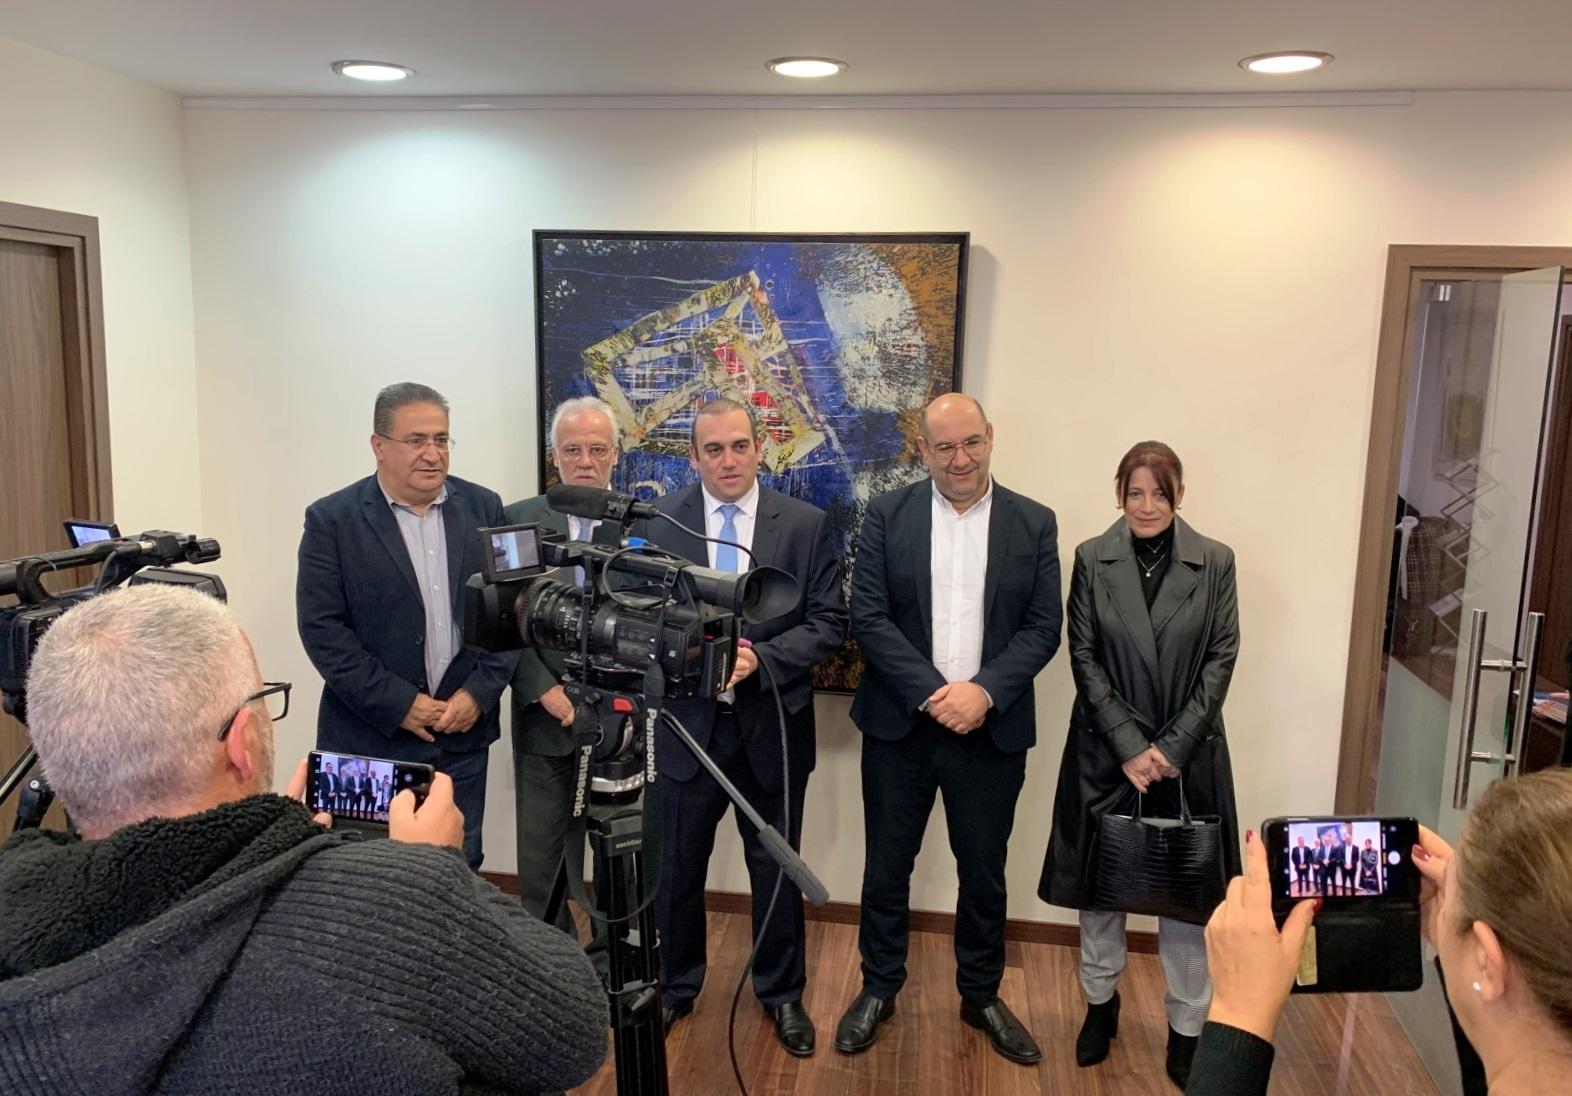 Οριστική συμφωνία κράτους – Kition Ocean για λιμάνι και μαρίνα Λάρνακας